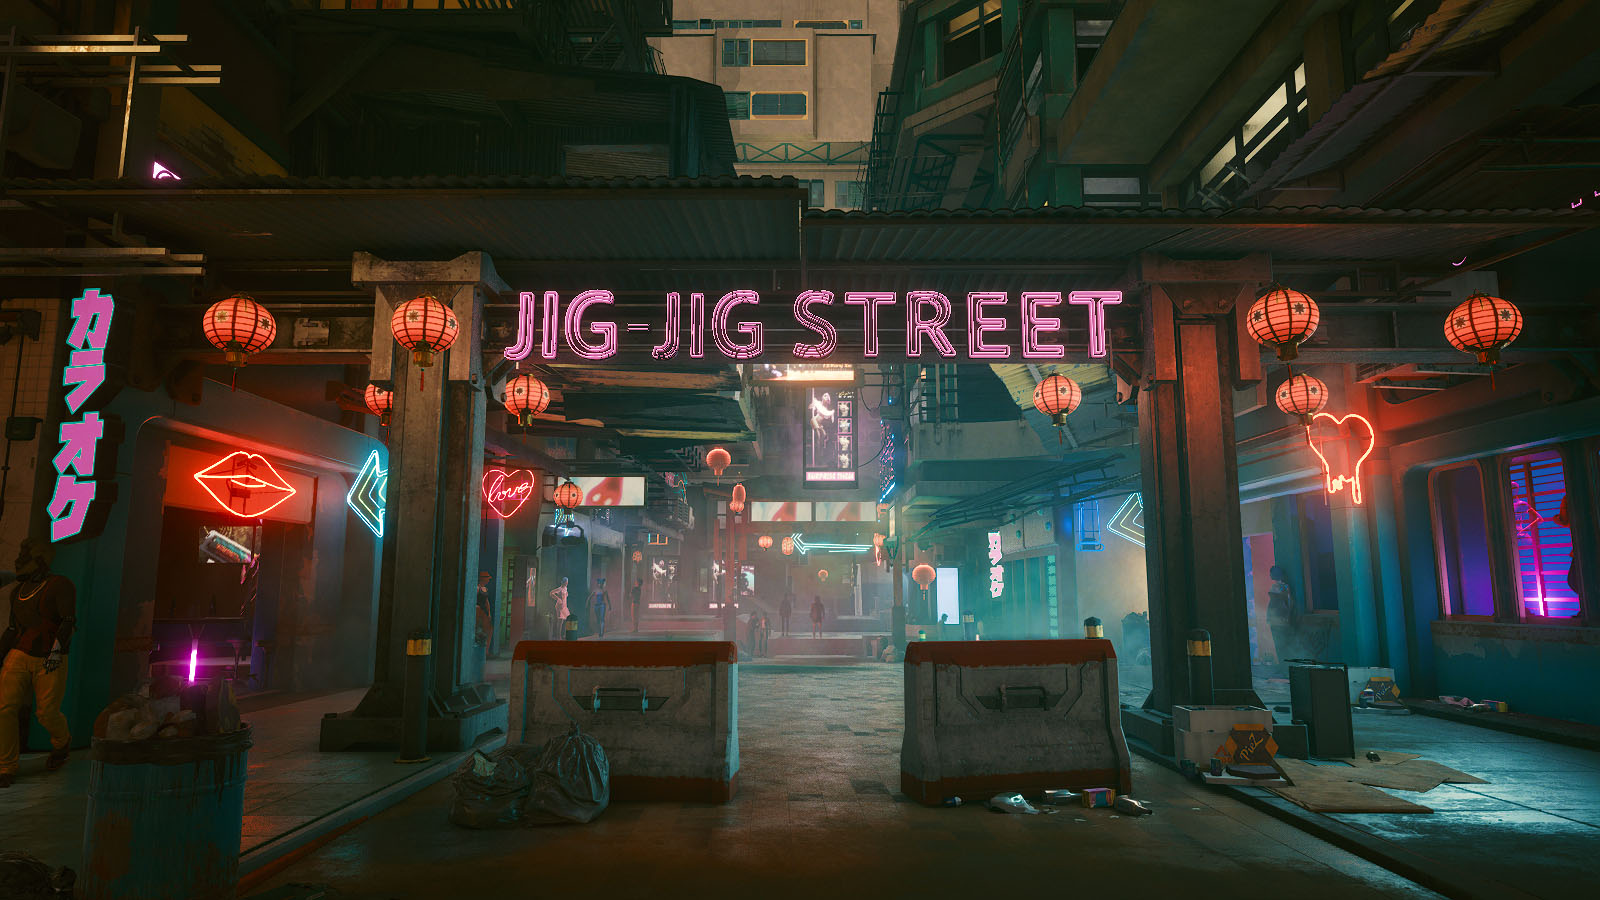 Entrée de Jig-Jig Street